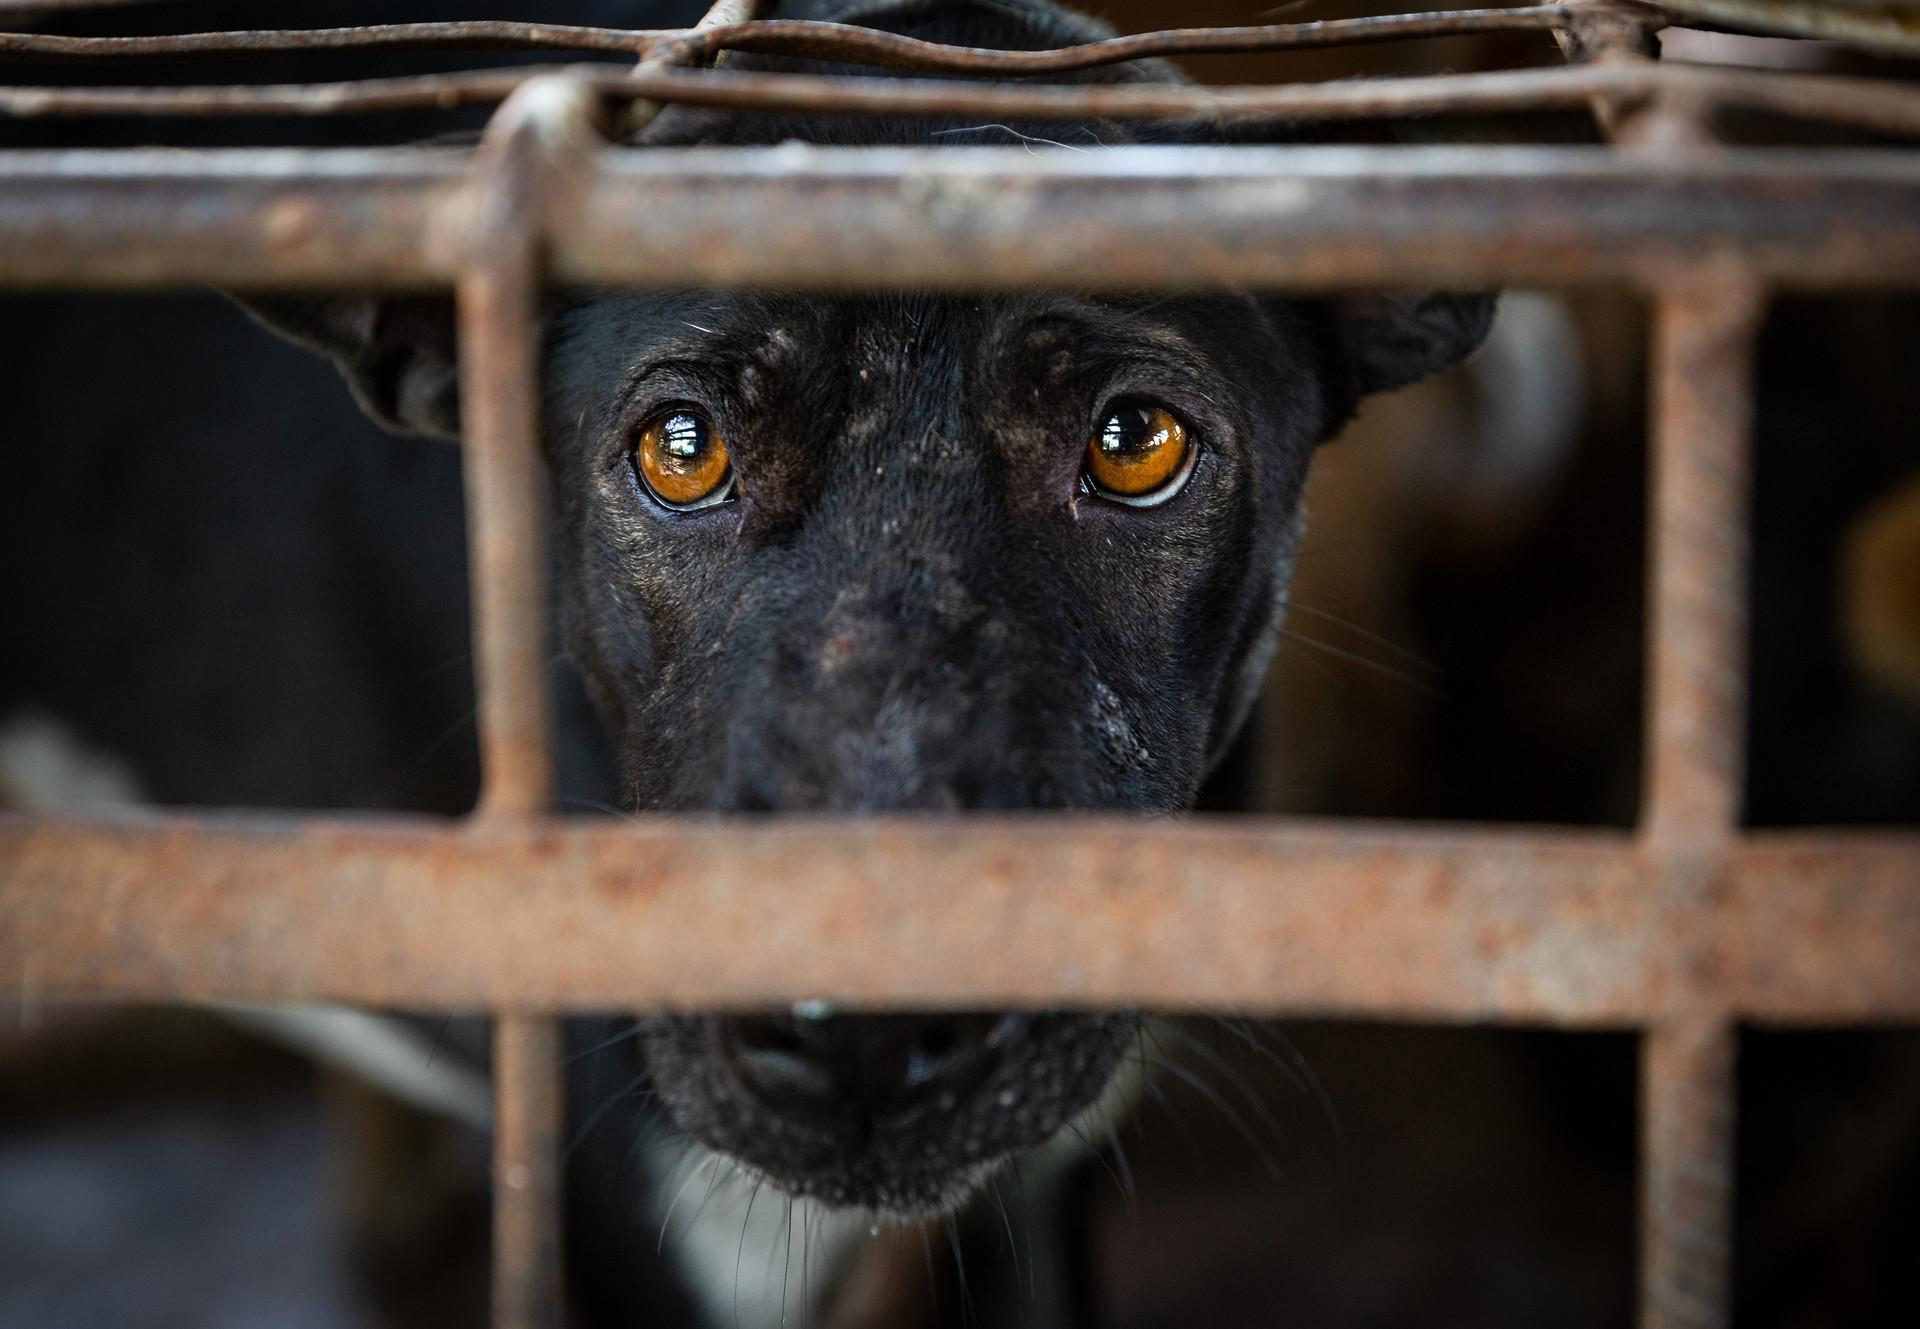 Hond kijkt zielig door tralies van een kooi